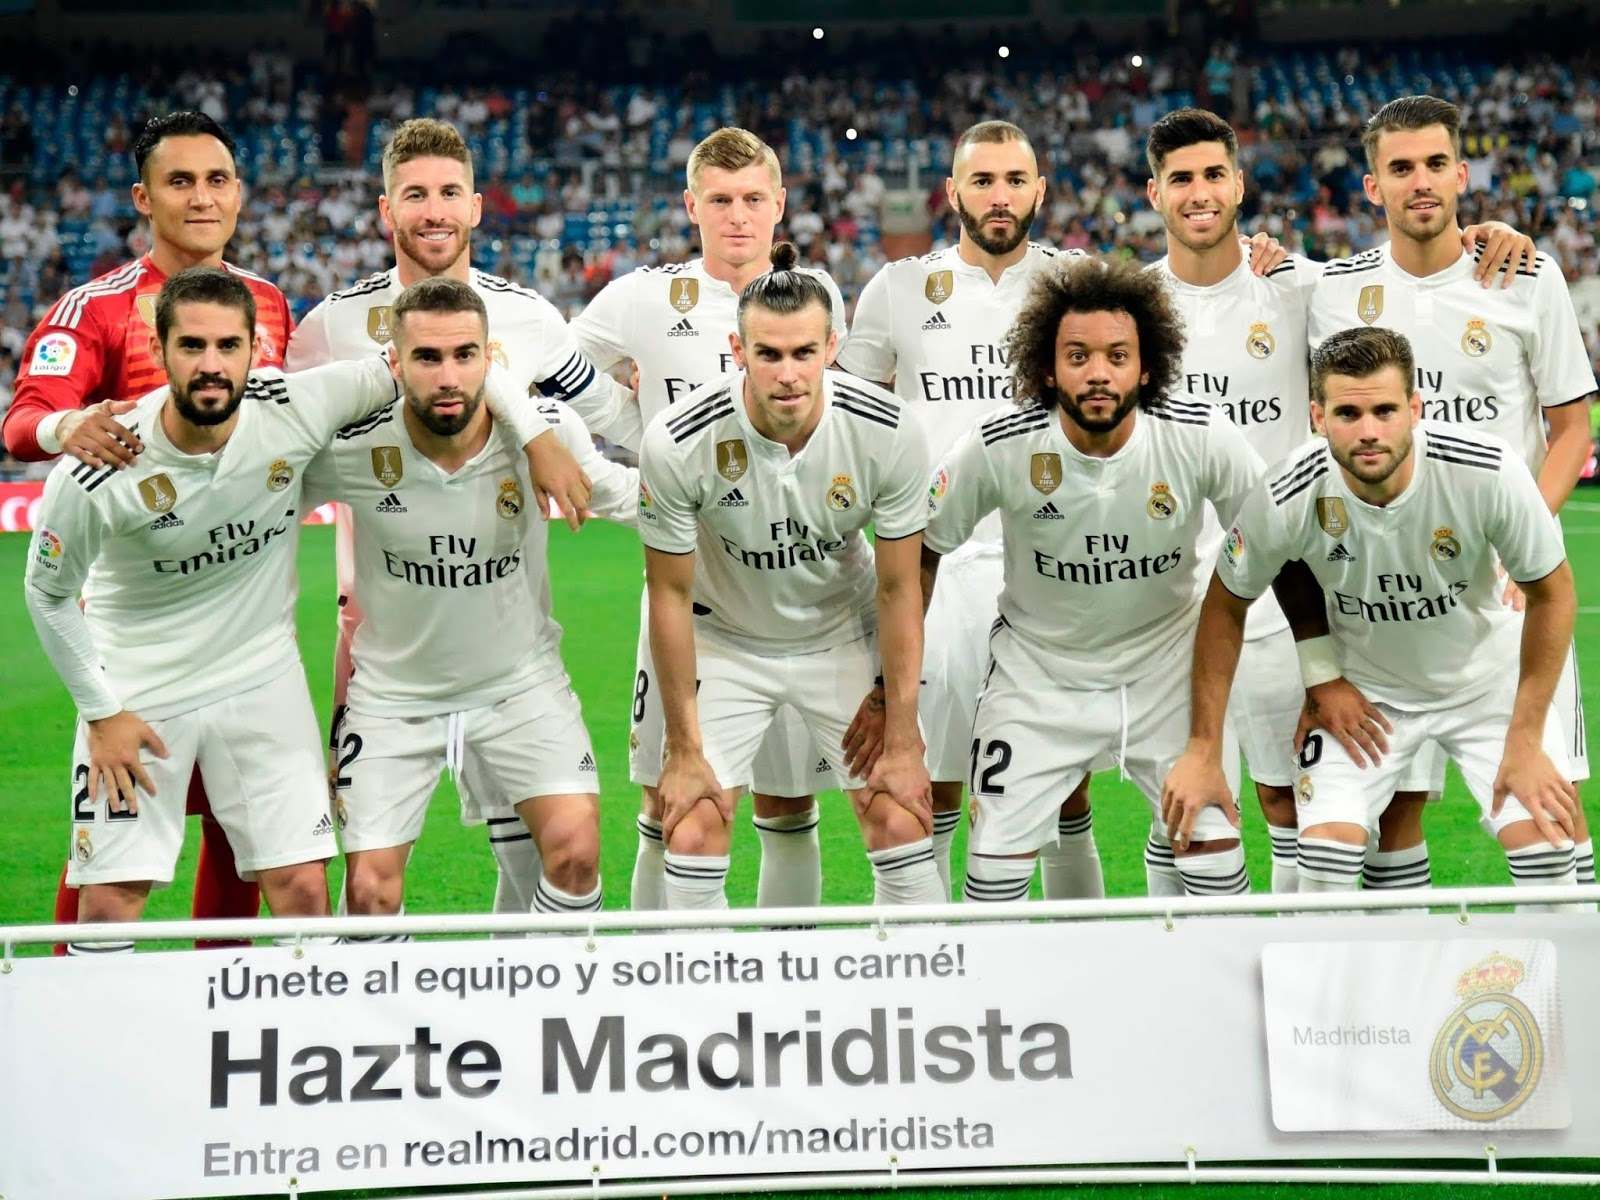 مباراة ريال مدريد وفياريال 03-01-2019 الدوري الاسباني